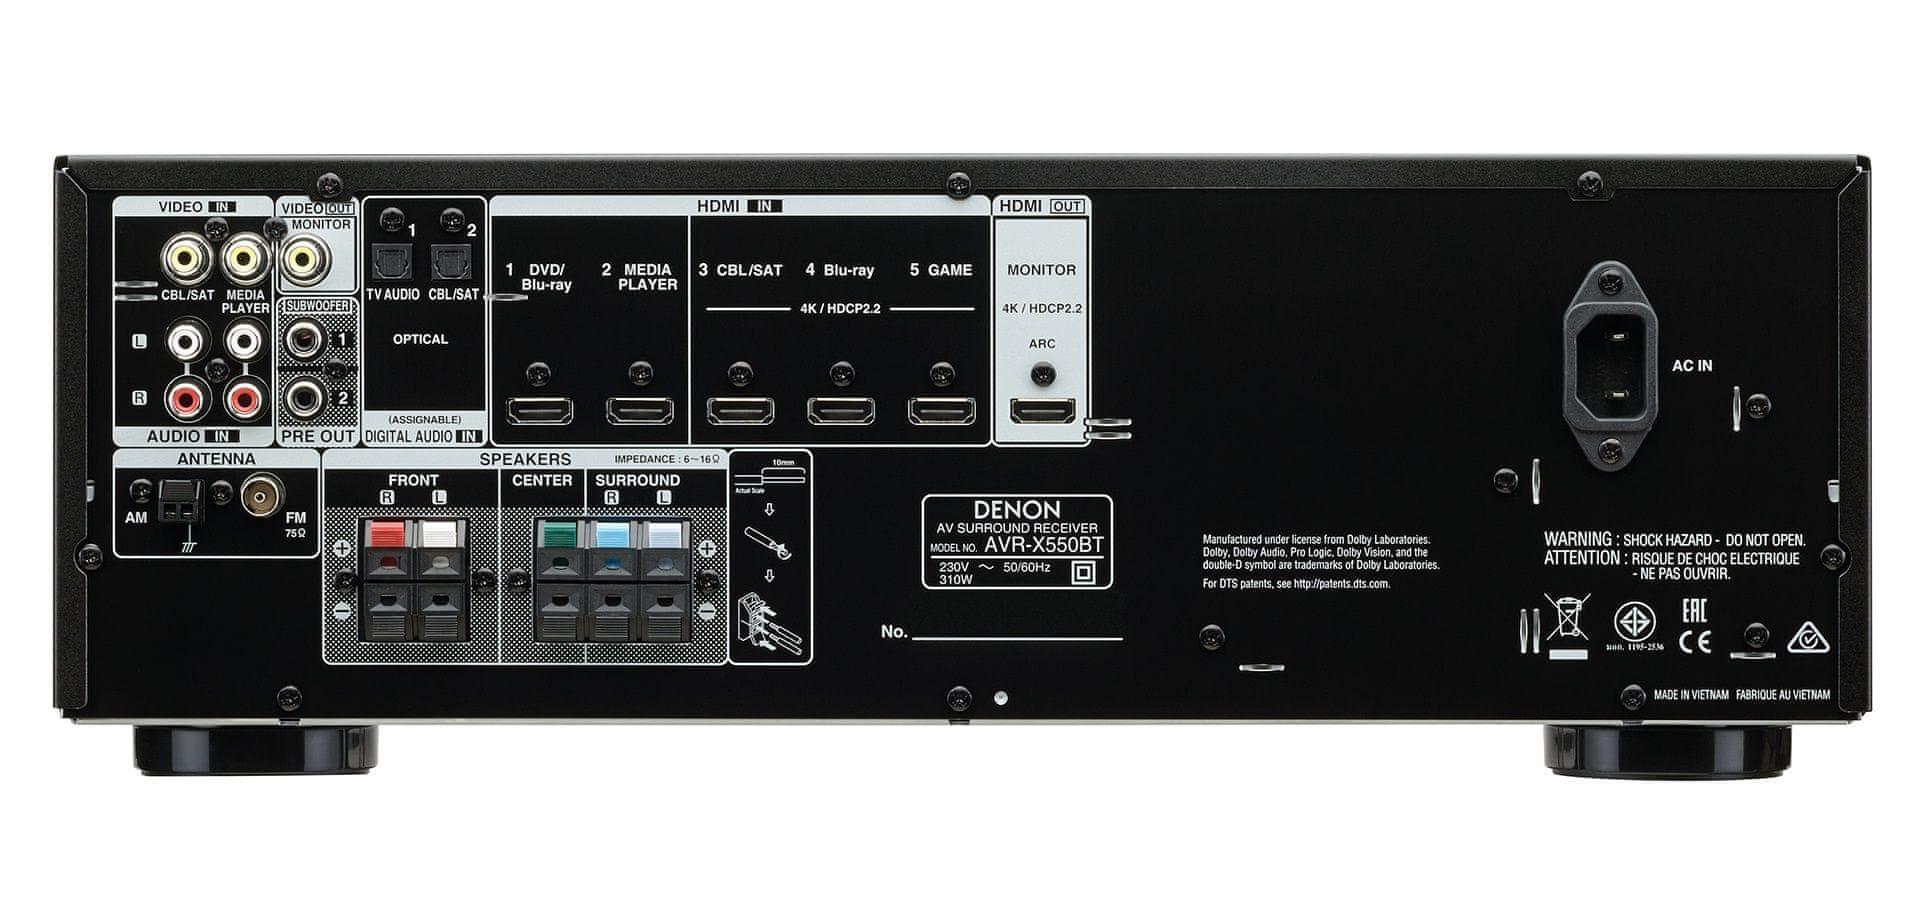 AV přijímač a zesilovač Denon AVR-X550BT snadné nastavení dolby vision hdr technologie 4K ultra hd hdmi vstup